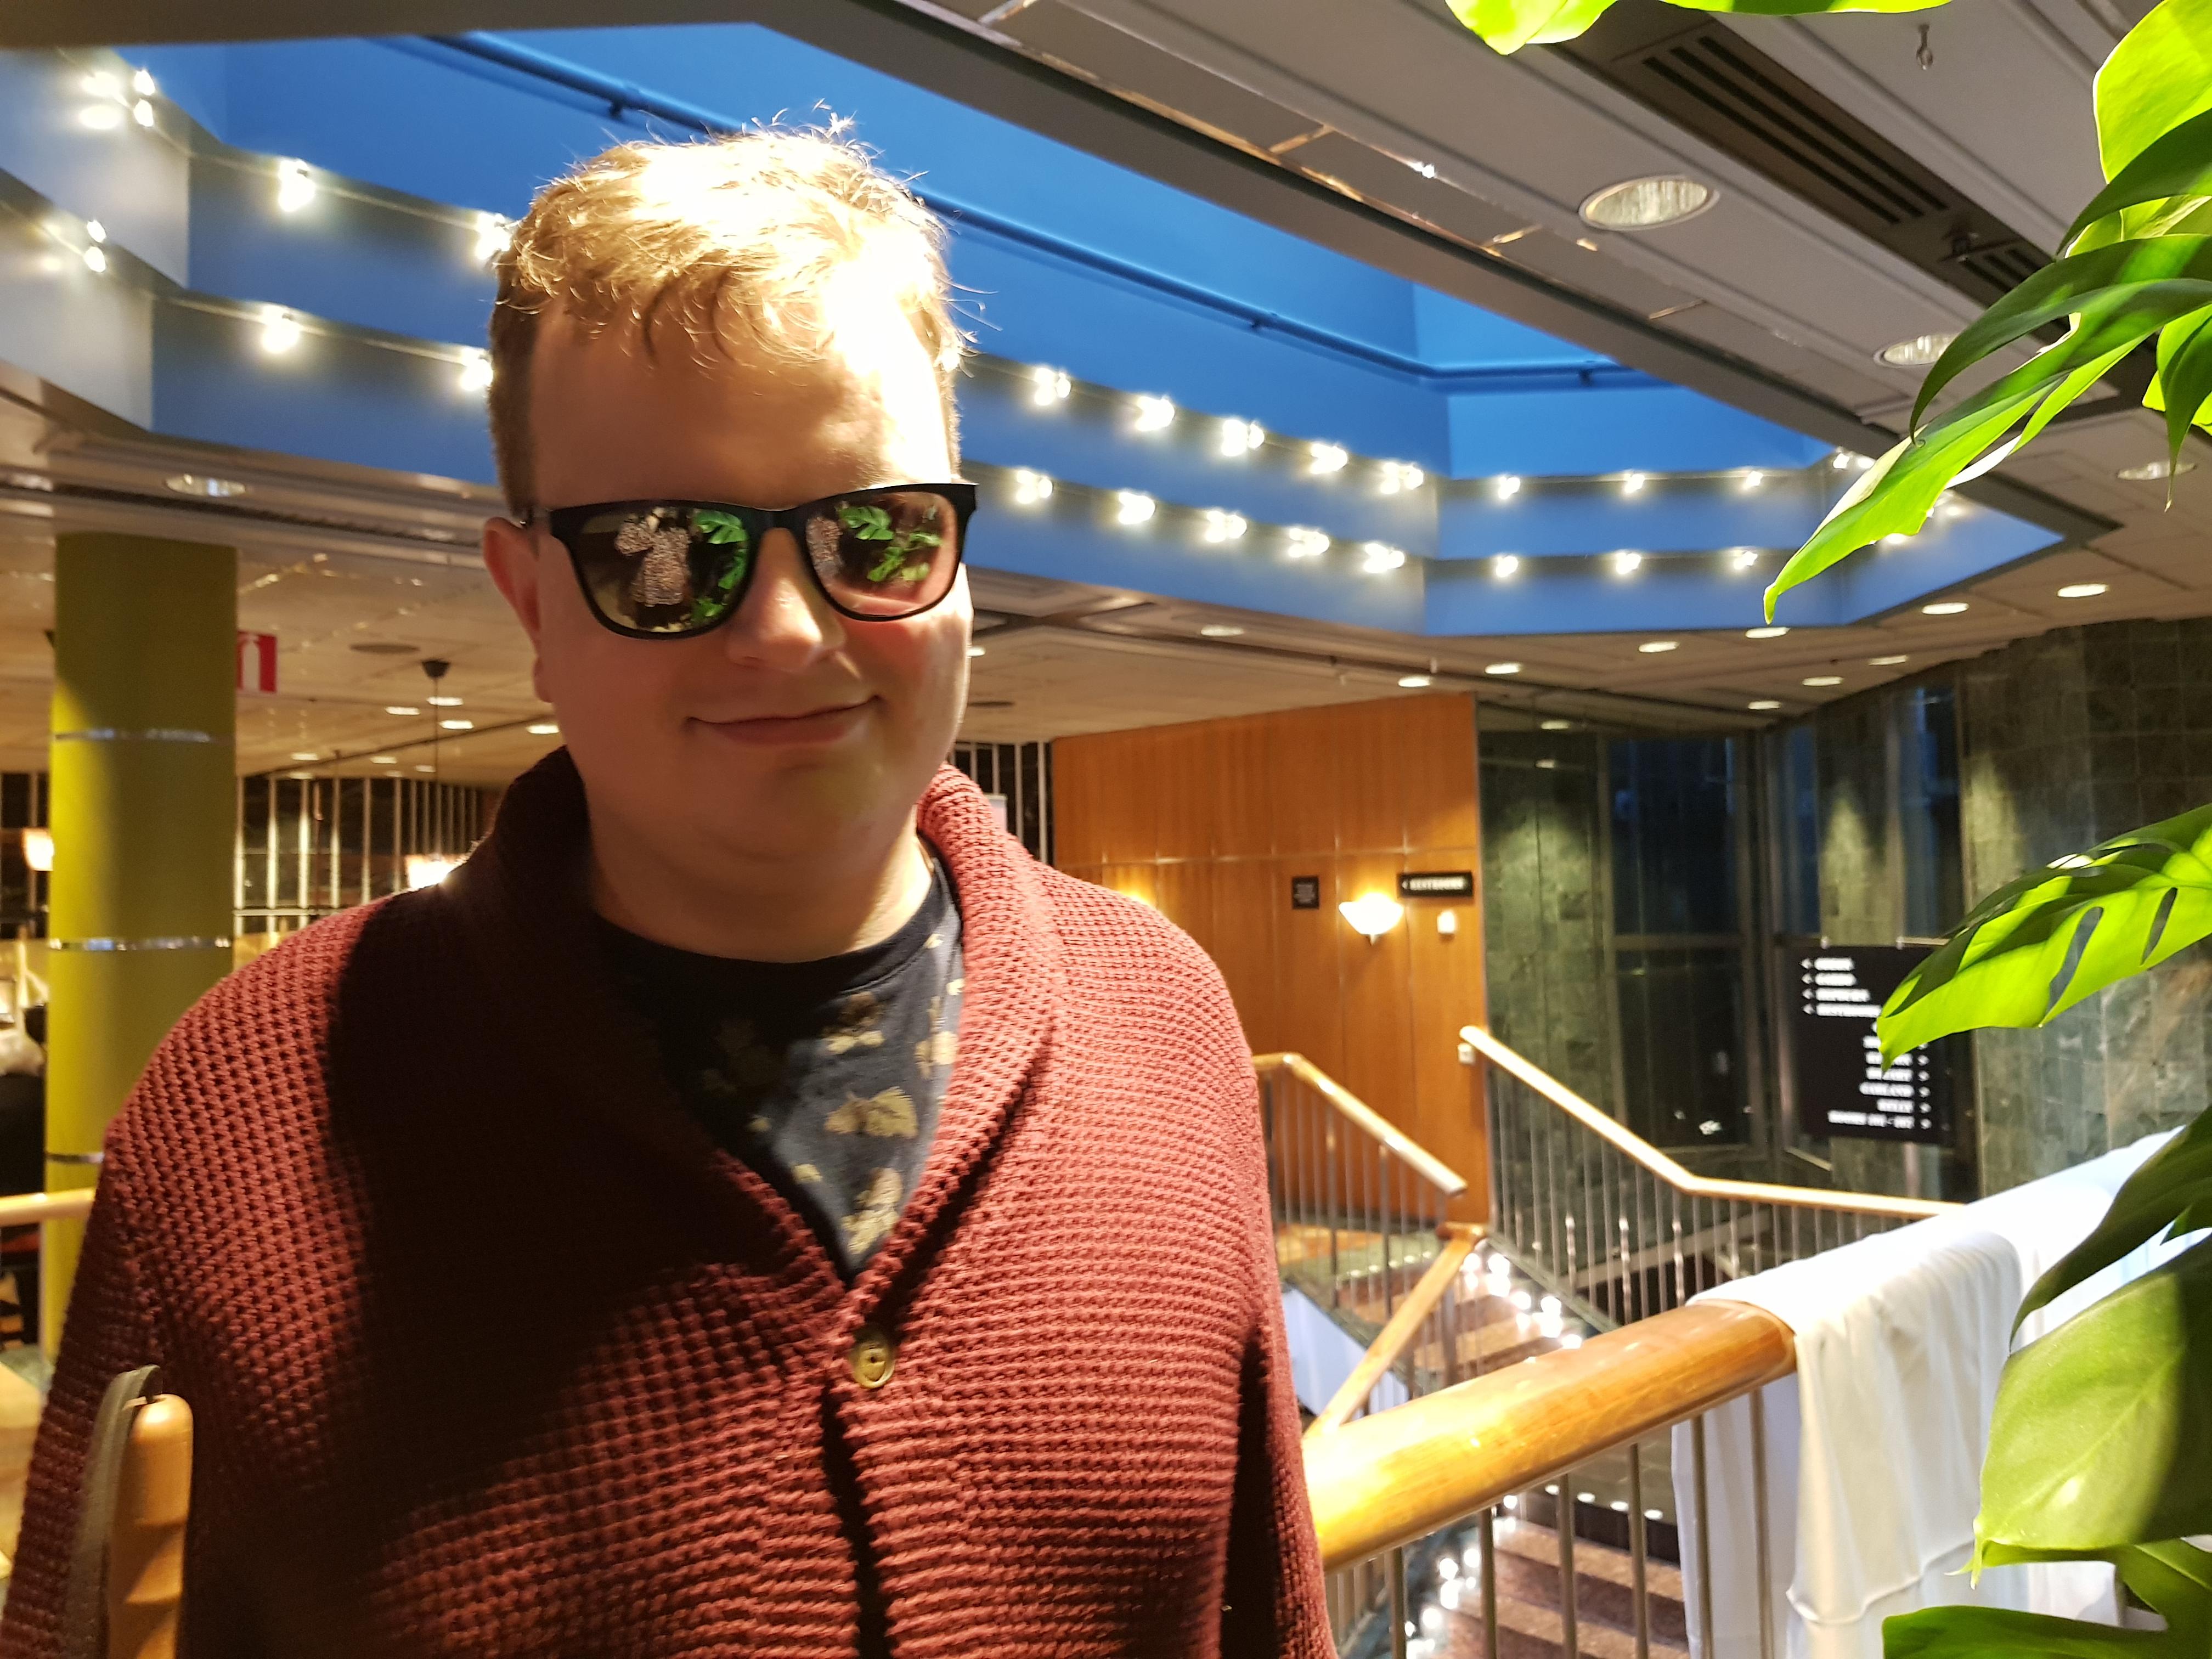 Christoffer har vågit ljust hår och mörka glasögon. Han håller i den vita käppen med ena handen. Han bär en stickad rostfärgad kofta och en svart t-shirt